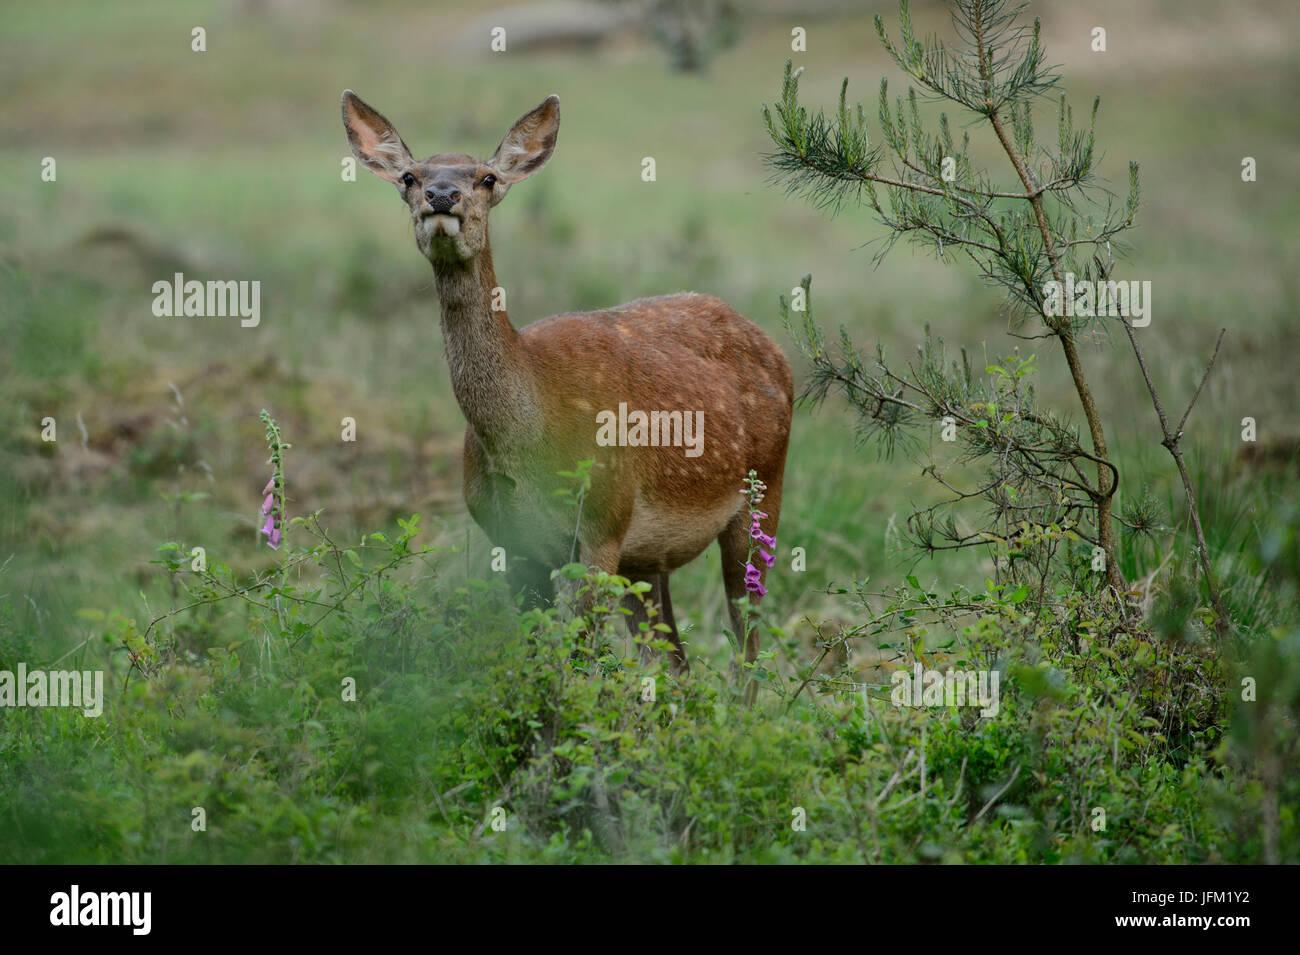 Red Deer hind sentir dans l'air, avec des fleurs de la digitale. Le Parc national Hoge Veluwe, Pays-Bas Photo Stock